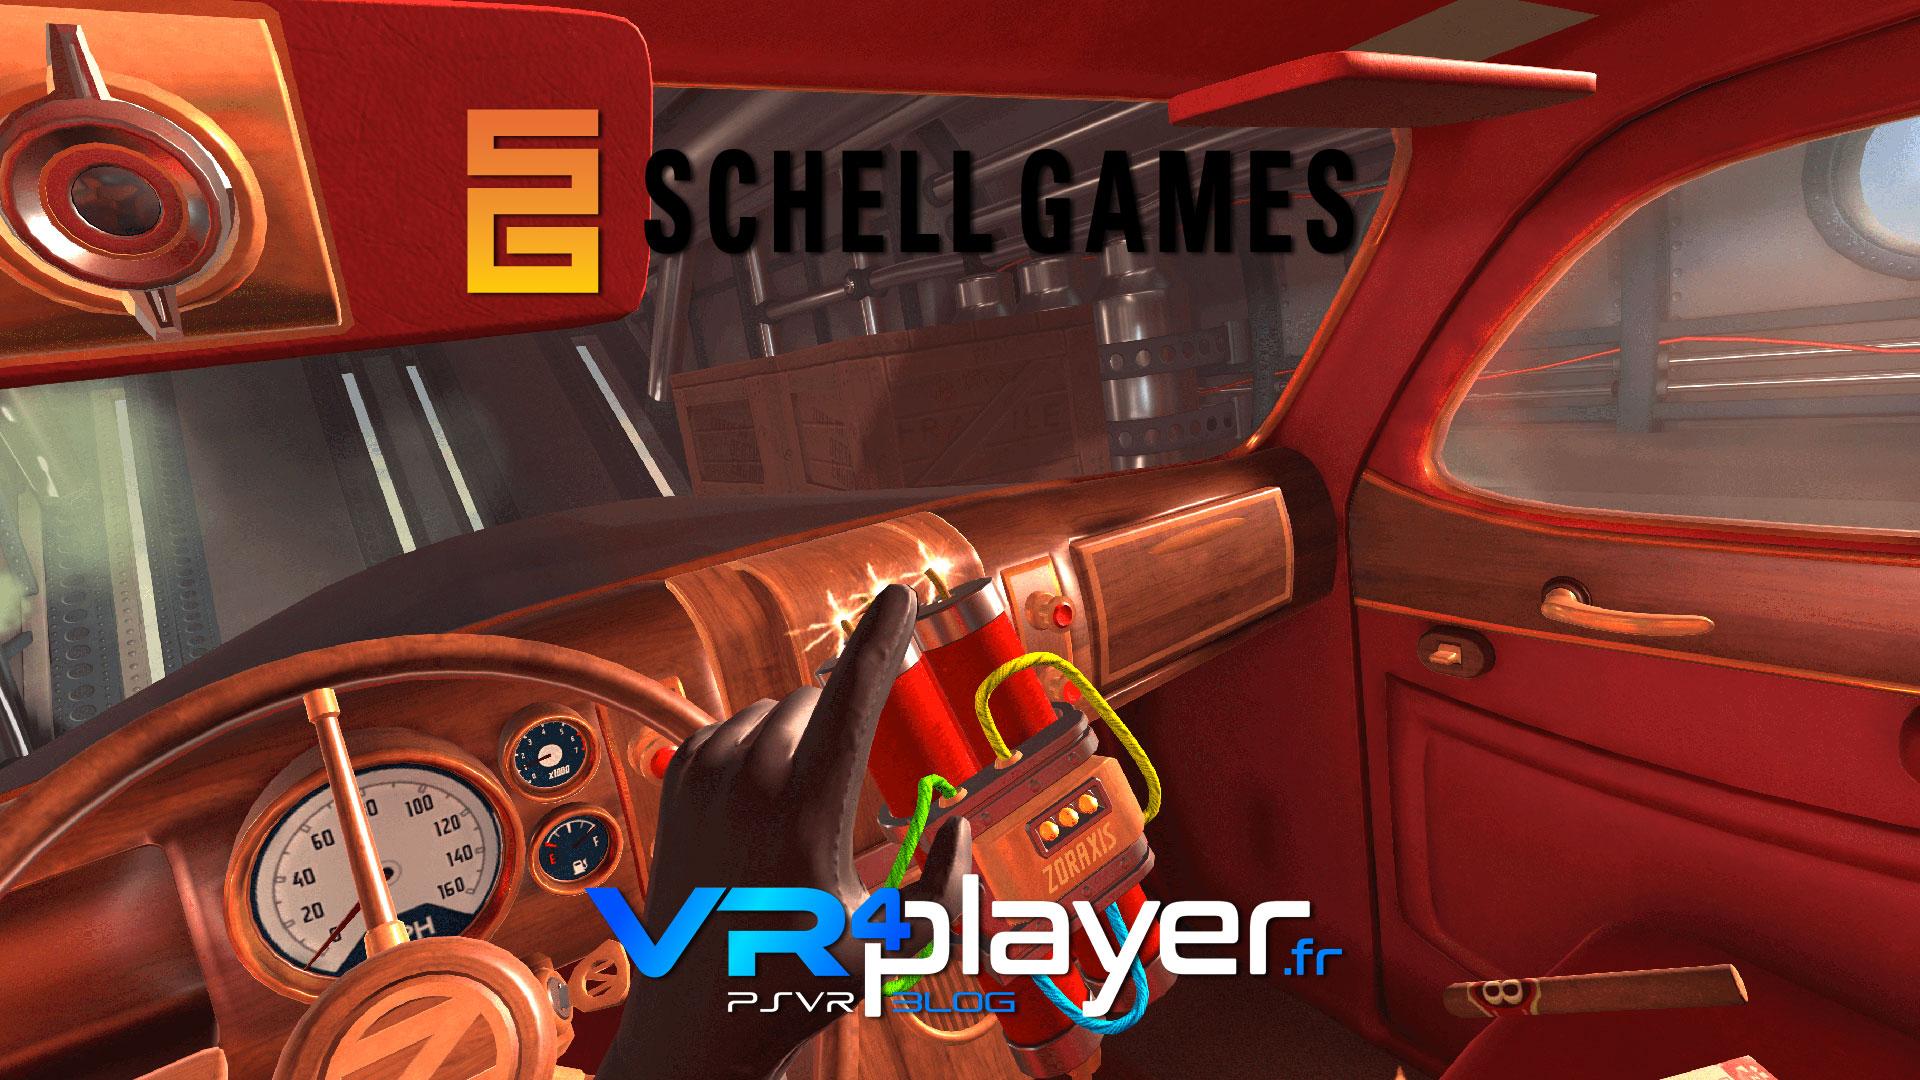 l'actualité du studio Schell Games sur PSVR vr4player.fr